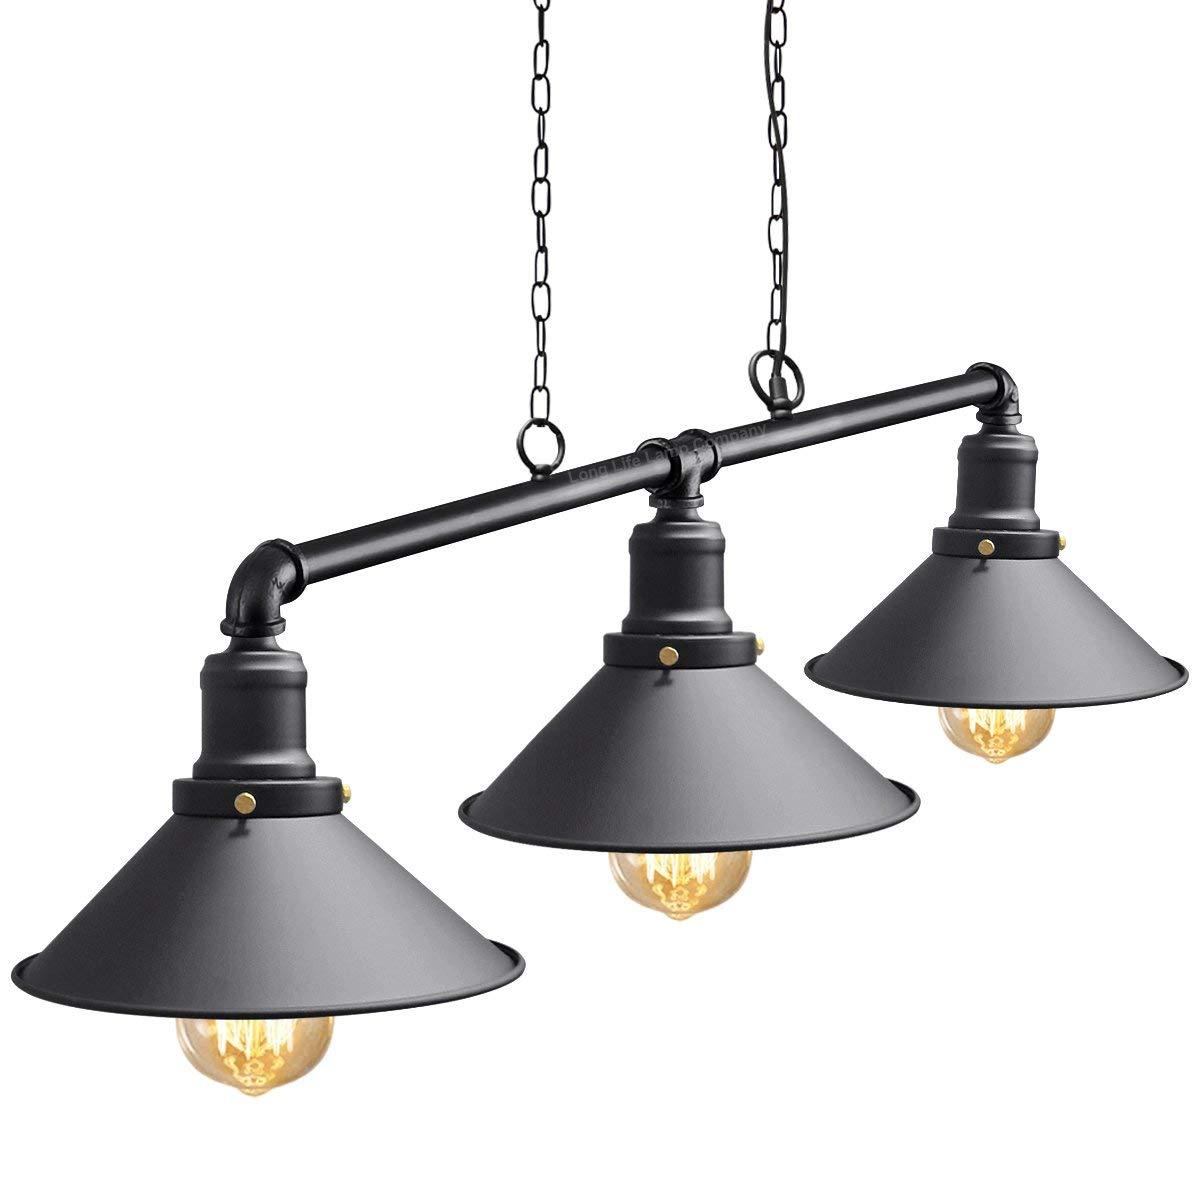 Lámpara colgante vintage ALIYAYA, lámpara de metal industrial ...